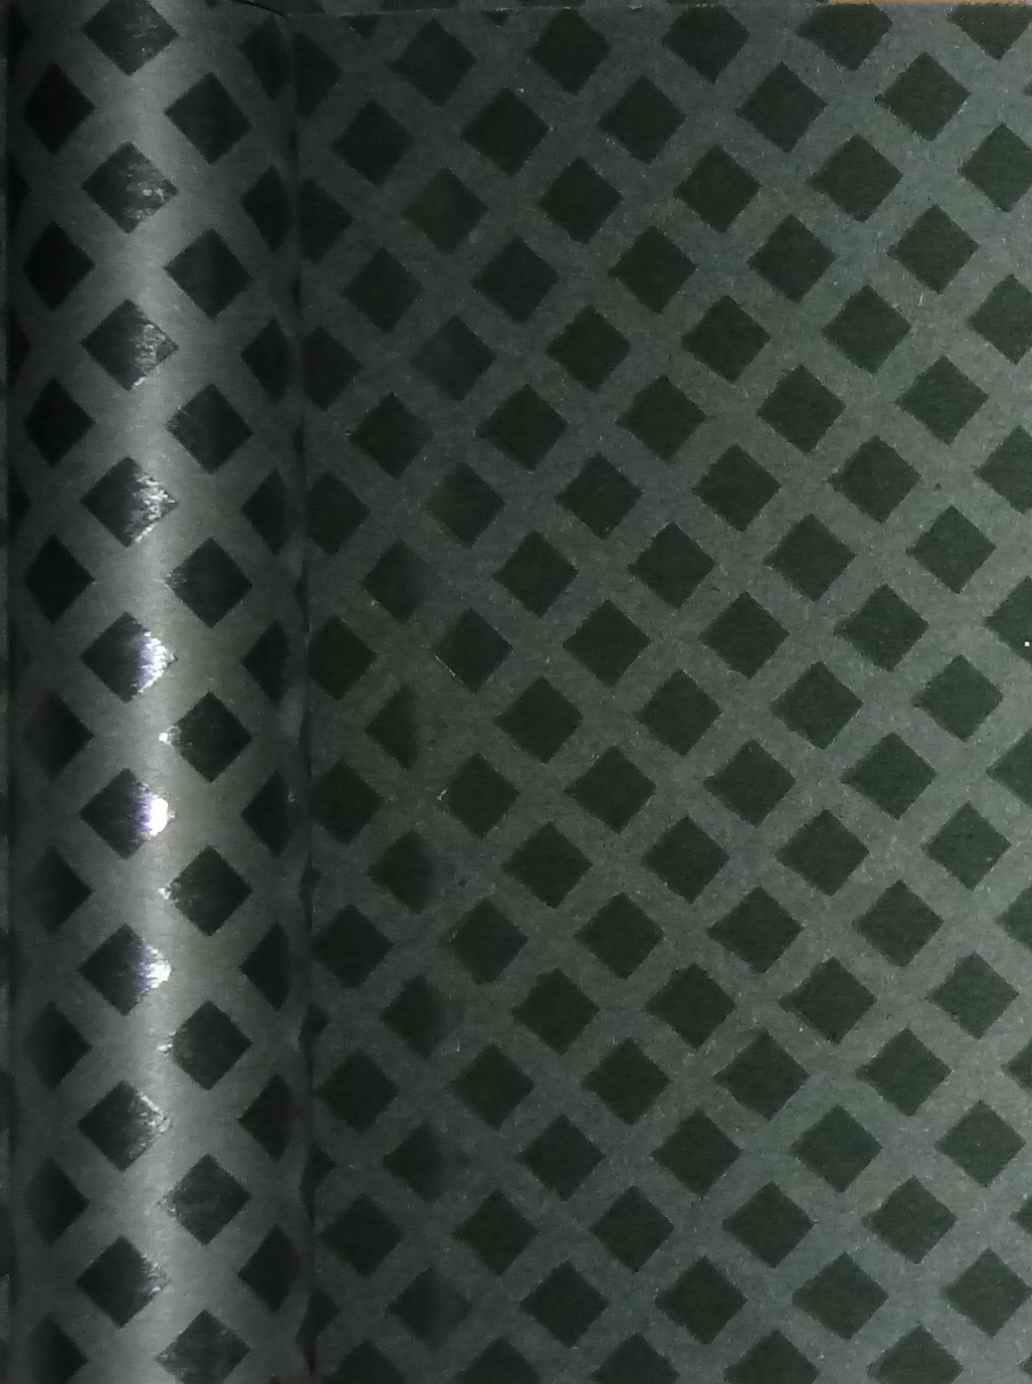 DPE菱格点胶亚博电子娱乐是改性胶粘剂呈菱格状涂敷在电工用亚博电子娱乐表面上而成的半固化柔软复合材料。